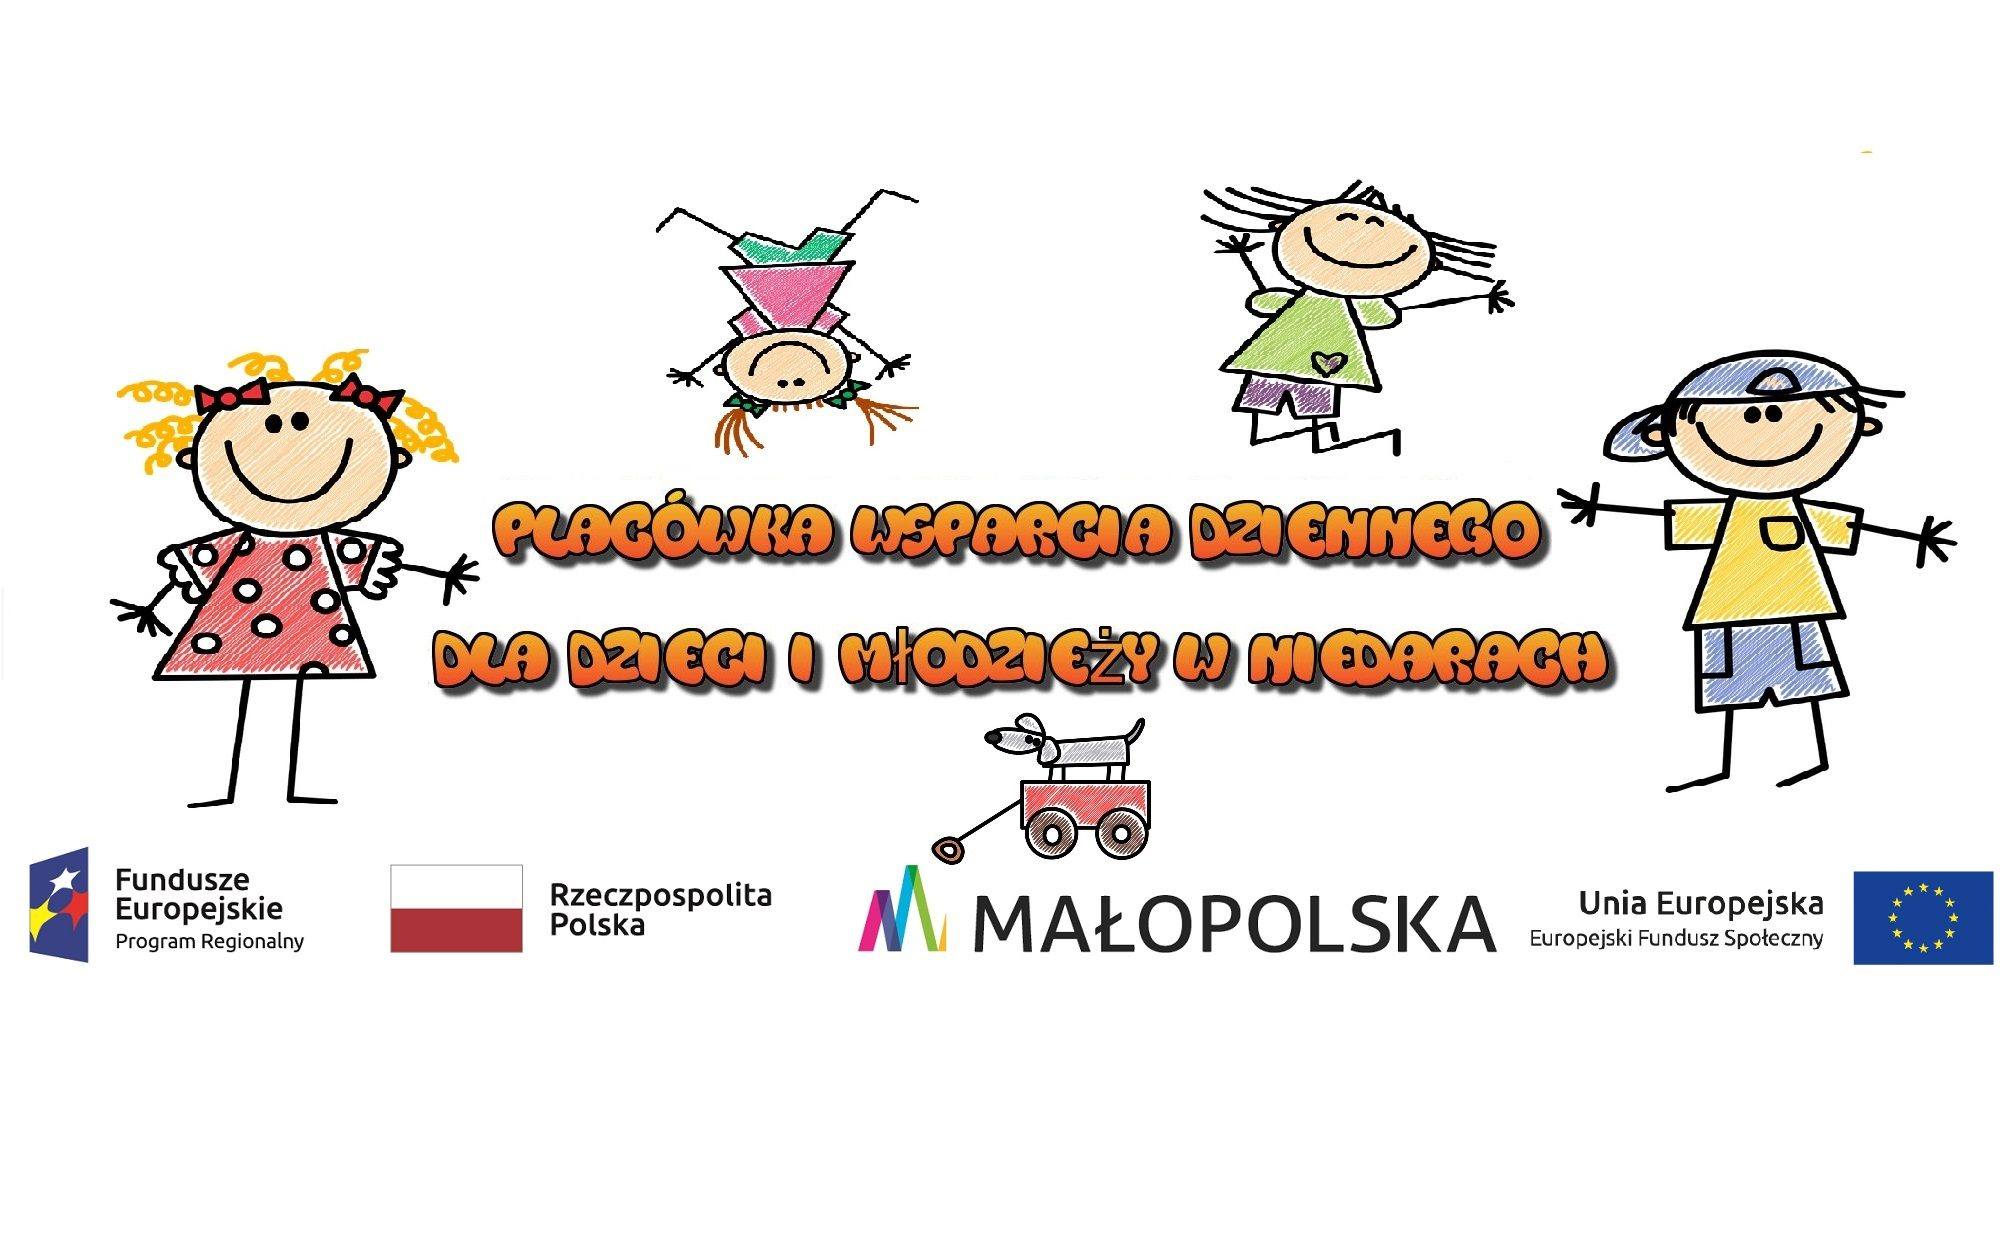 Placówka Wsparcia Dziennego dla dzieci i młodzieży w Niedarach